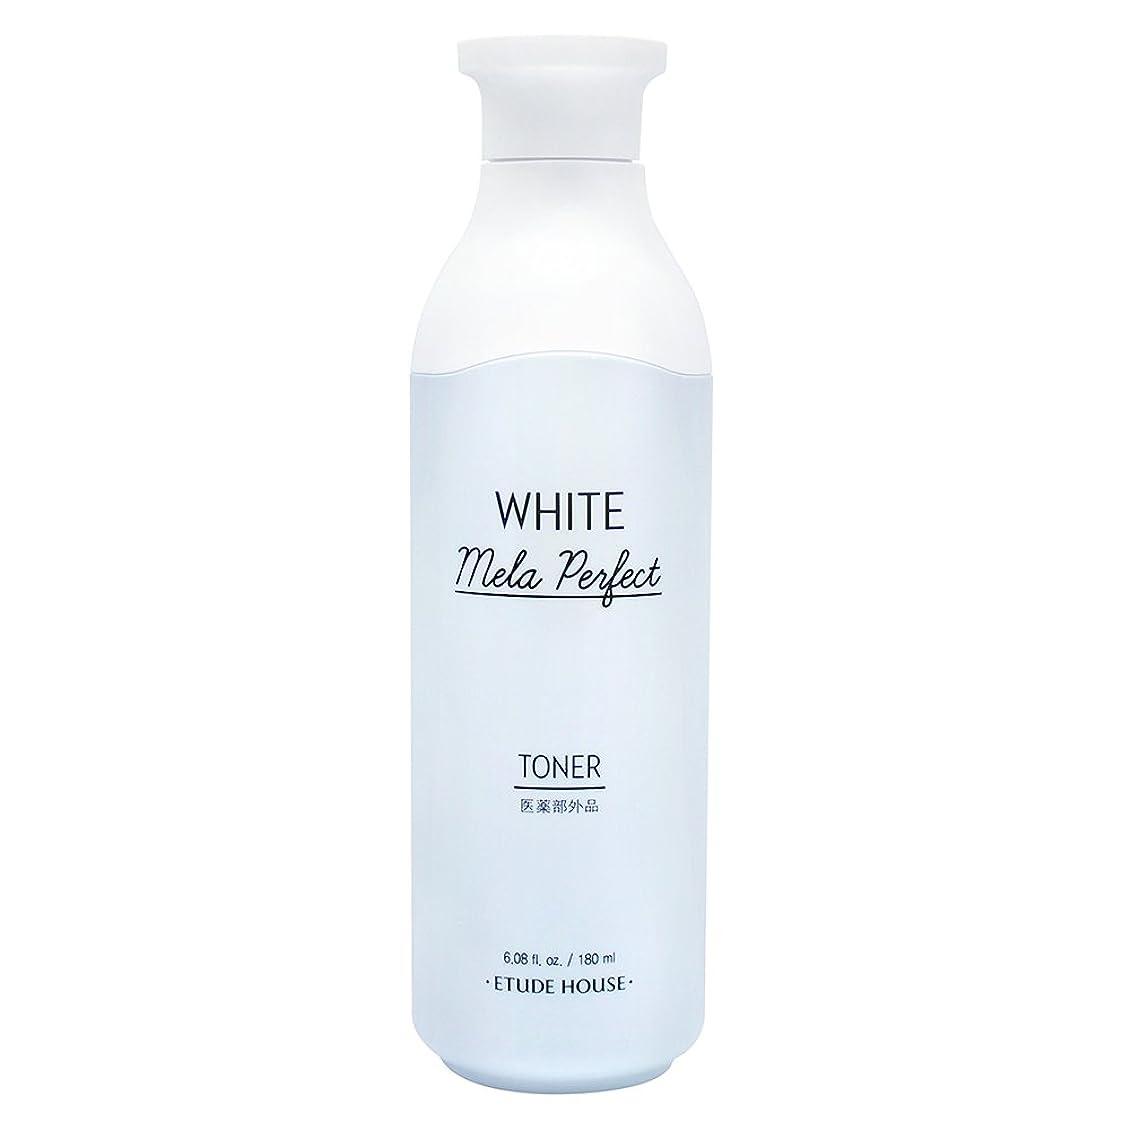 マート報復ブラインドエチュードハウス(ETUDE HOUSE) ホワイトメラパーフェクト トナー[美白化粧水、化粧水]